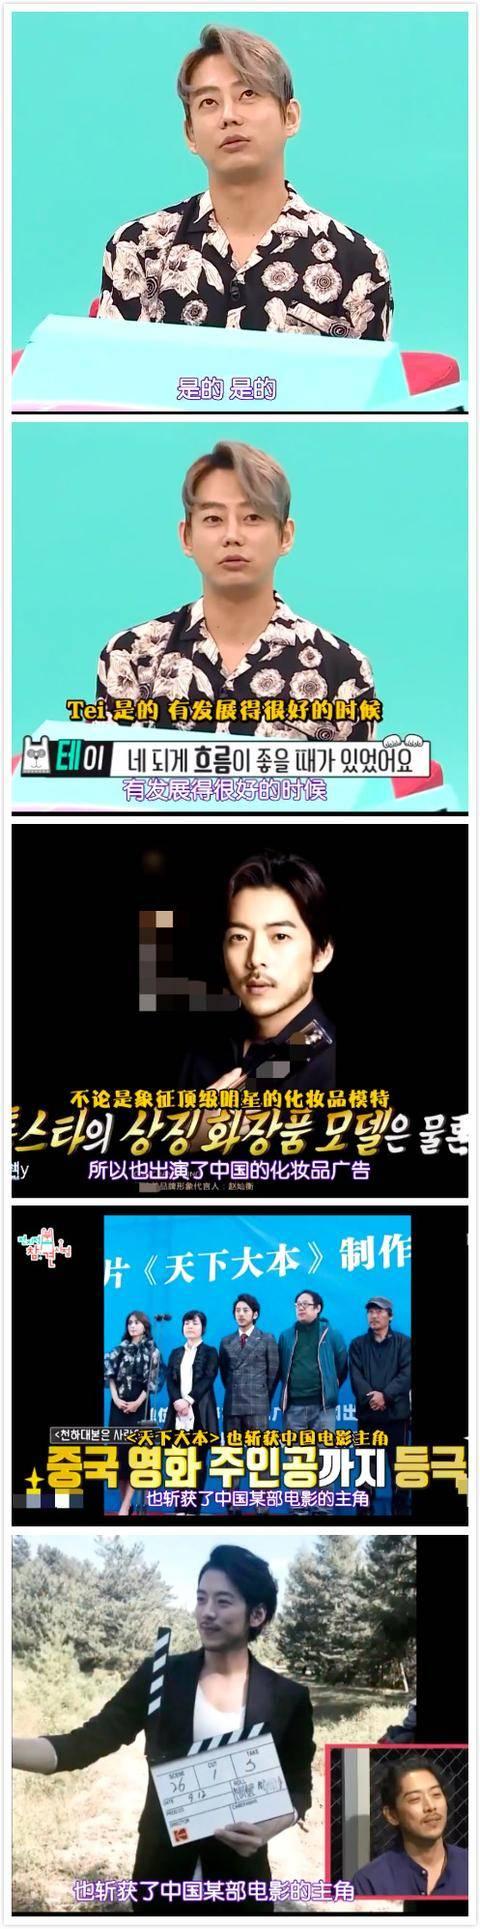 韩男星演18线万回韩吹嘘是顶级明星遭打脸插图5